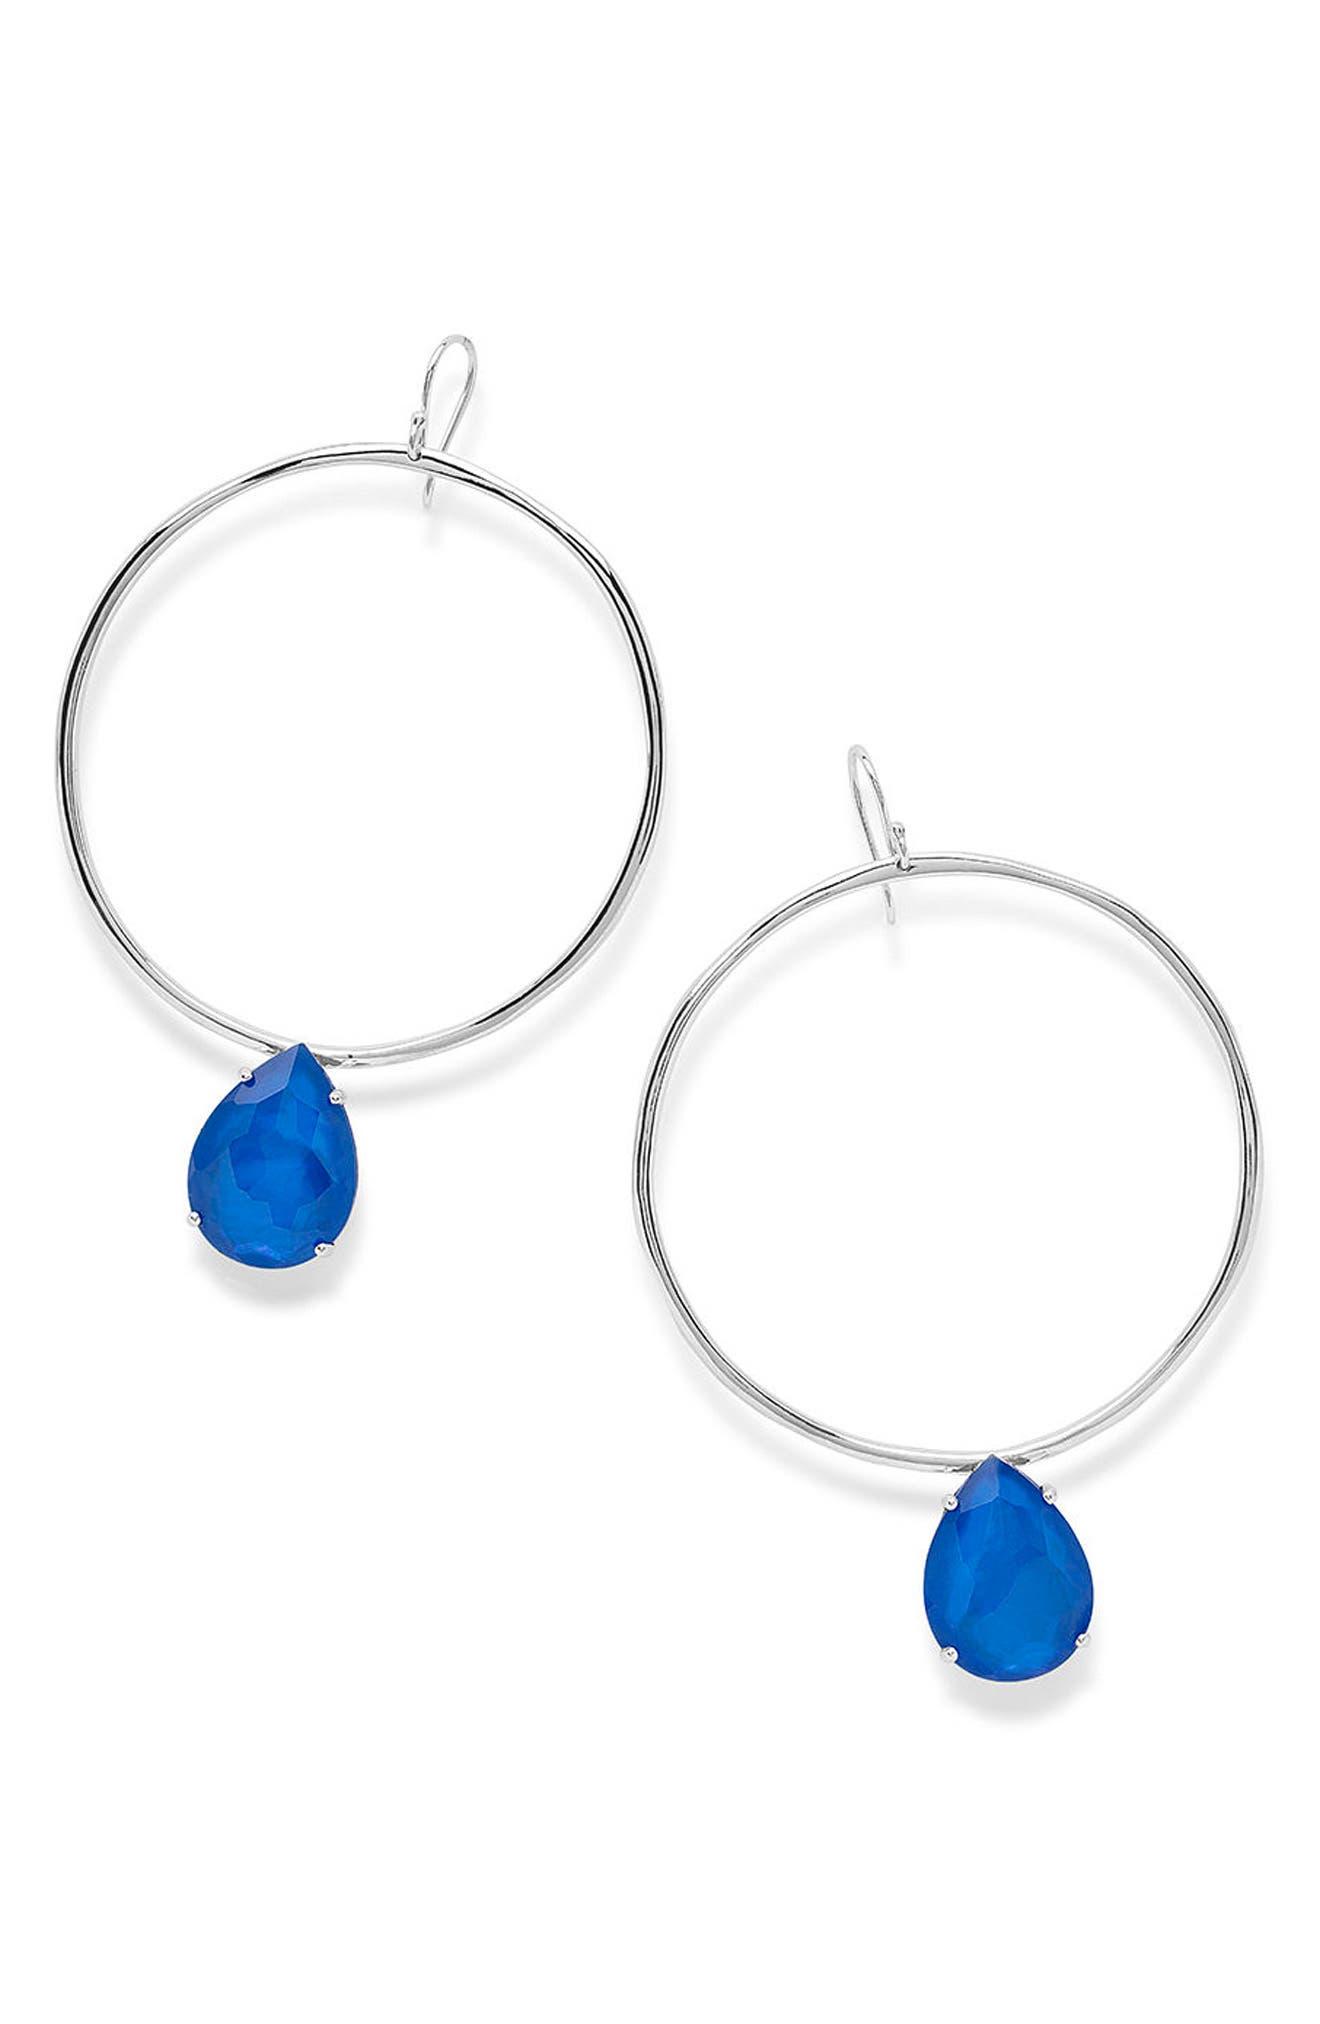 Ippolita Wonderland Large Frontal Hoop Earrings